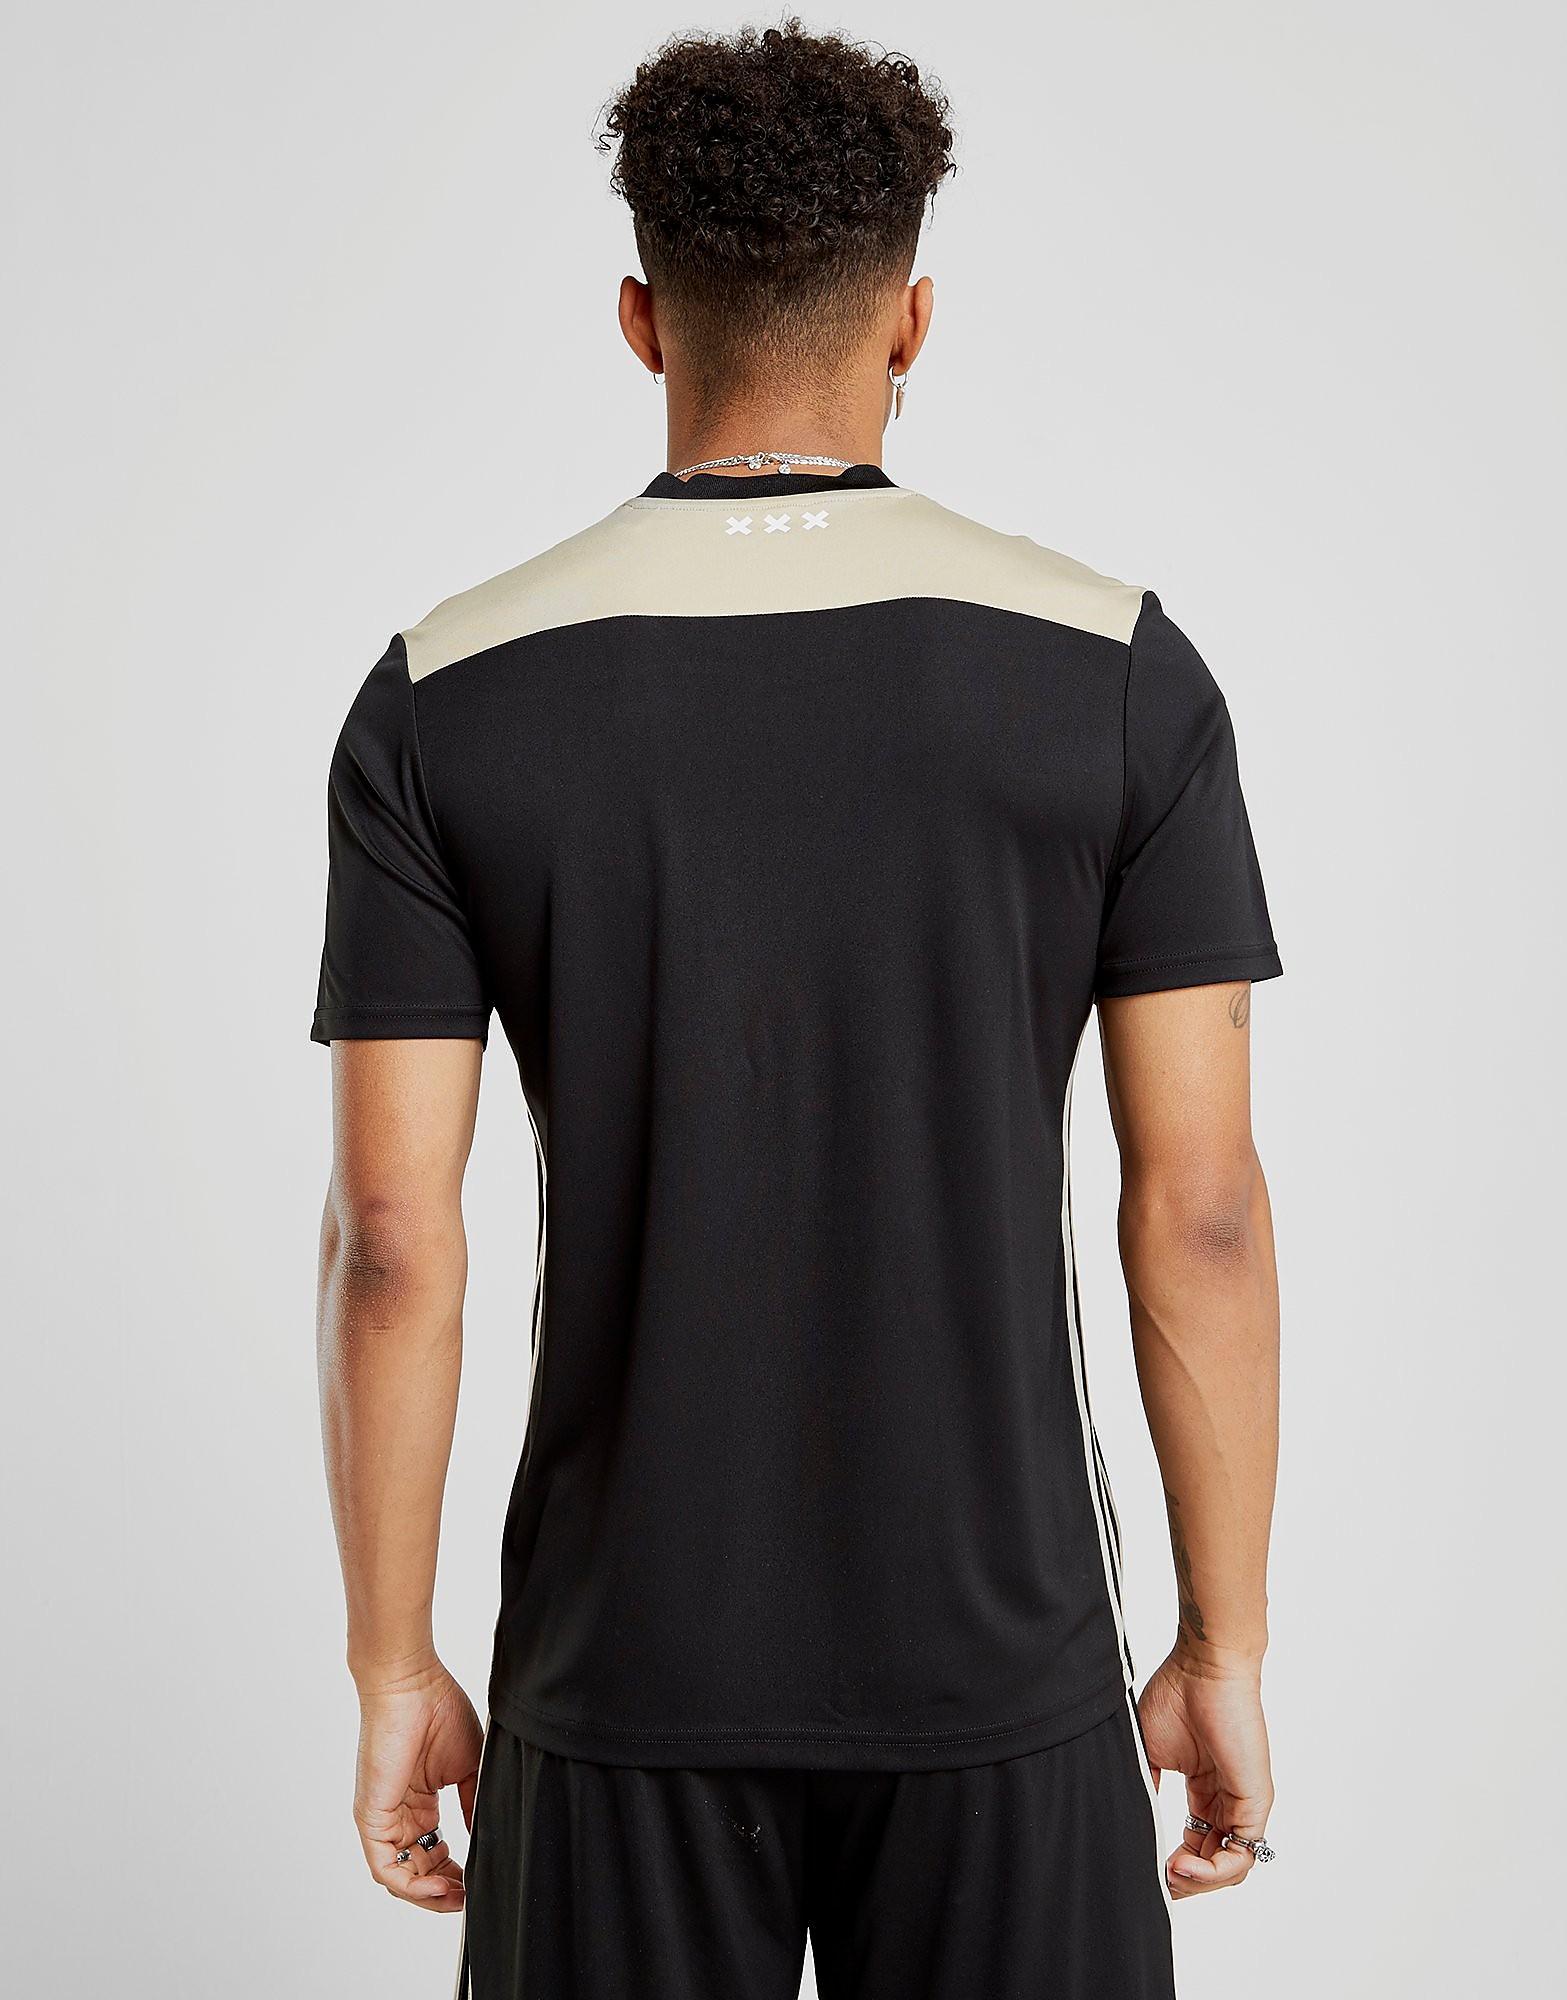 adidas Ajax 2018/19 Away Shirt